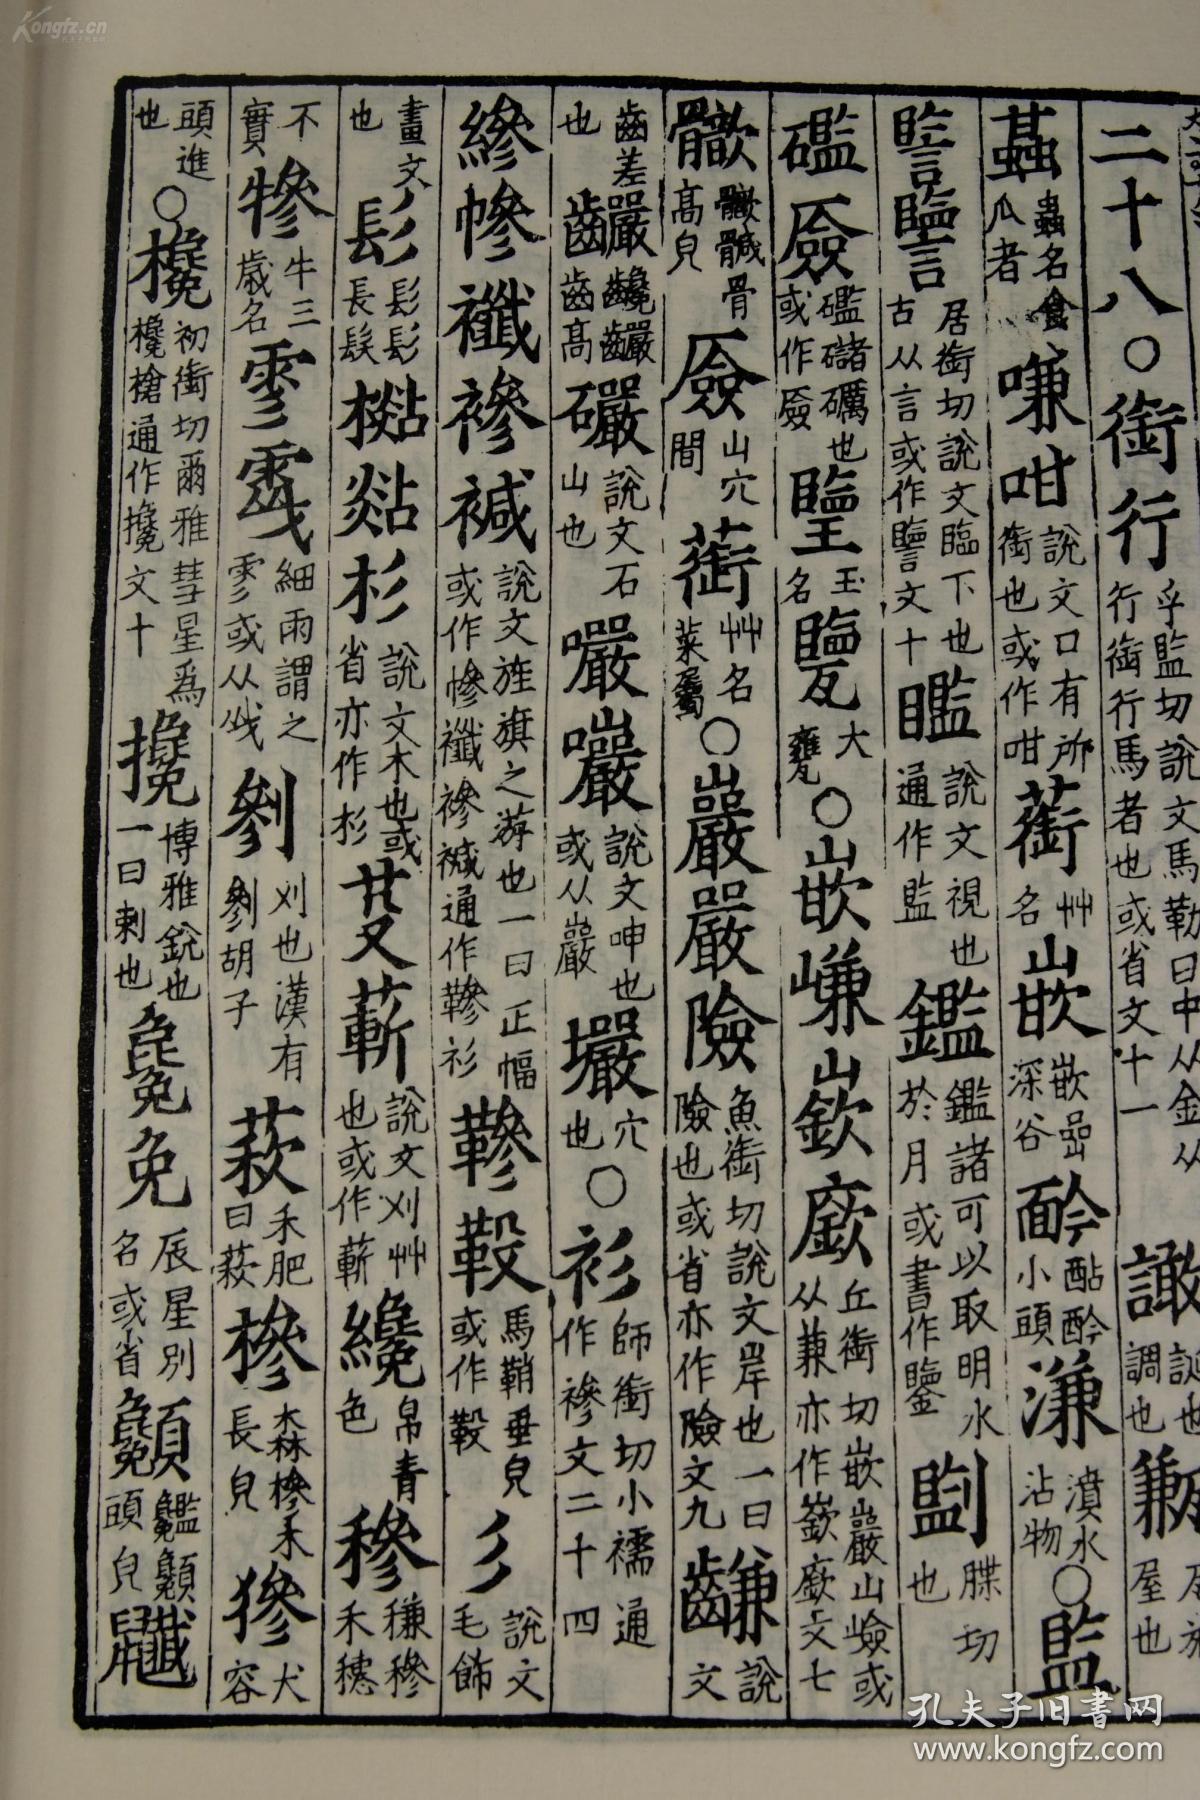 古逸丛书三编之十一 一函原装十厚册一套全,1985年中华书局据北宋刊本孤本影印